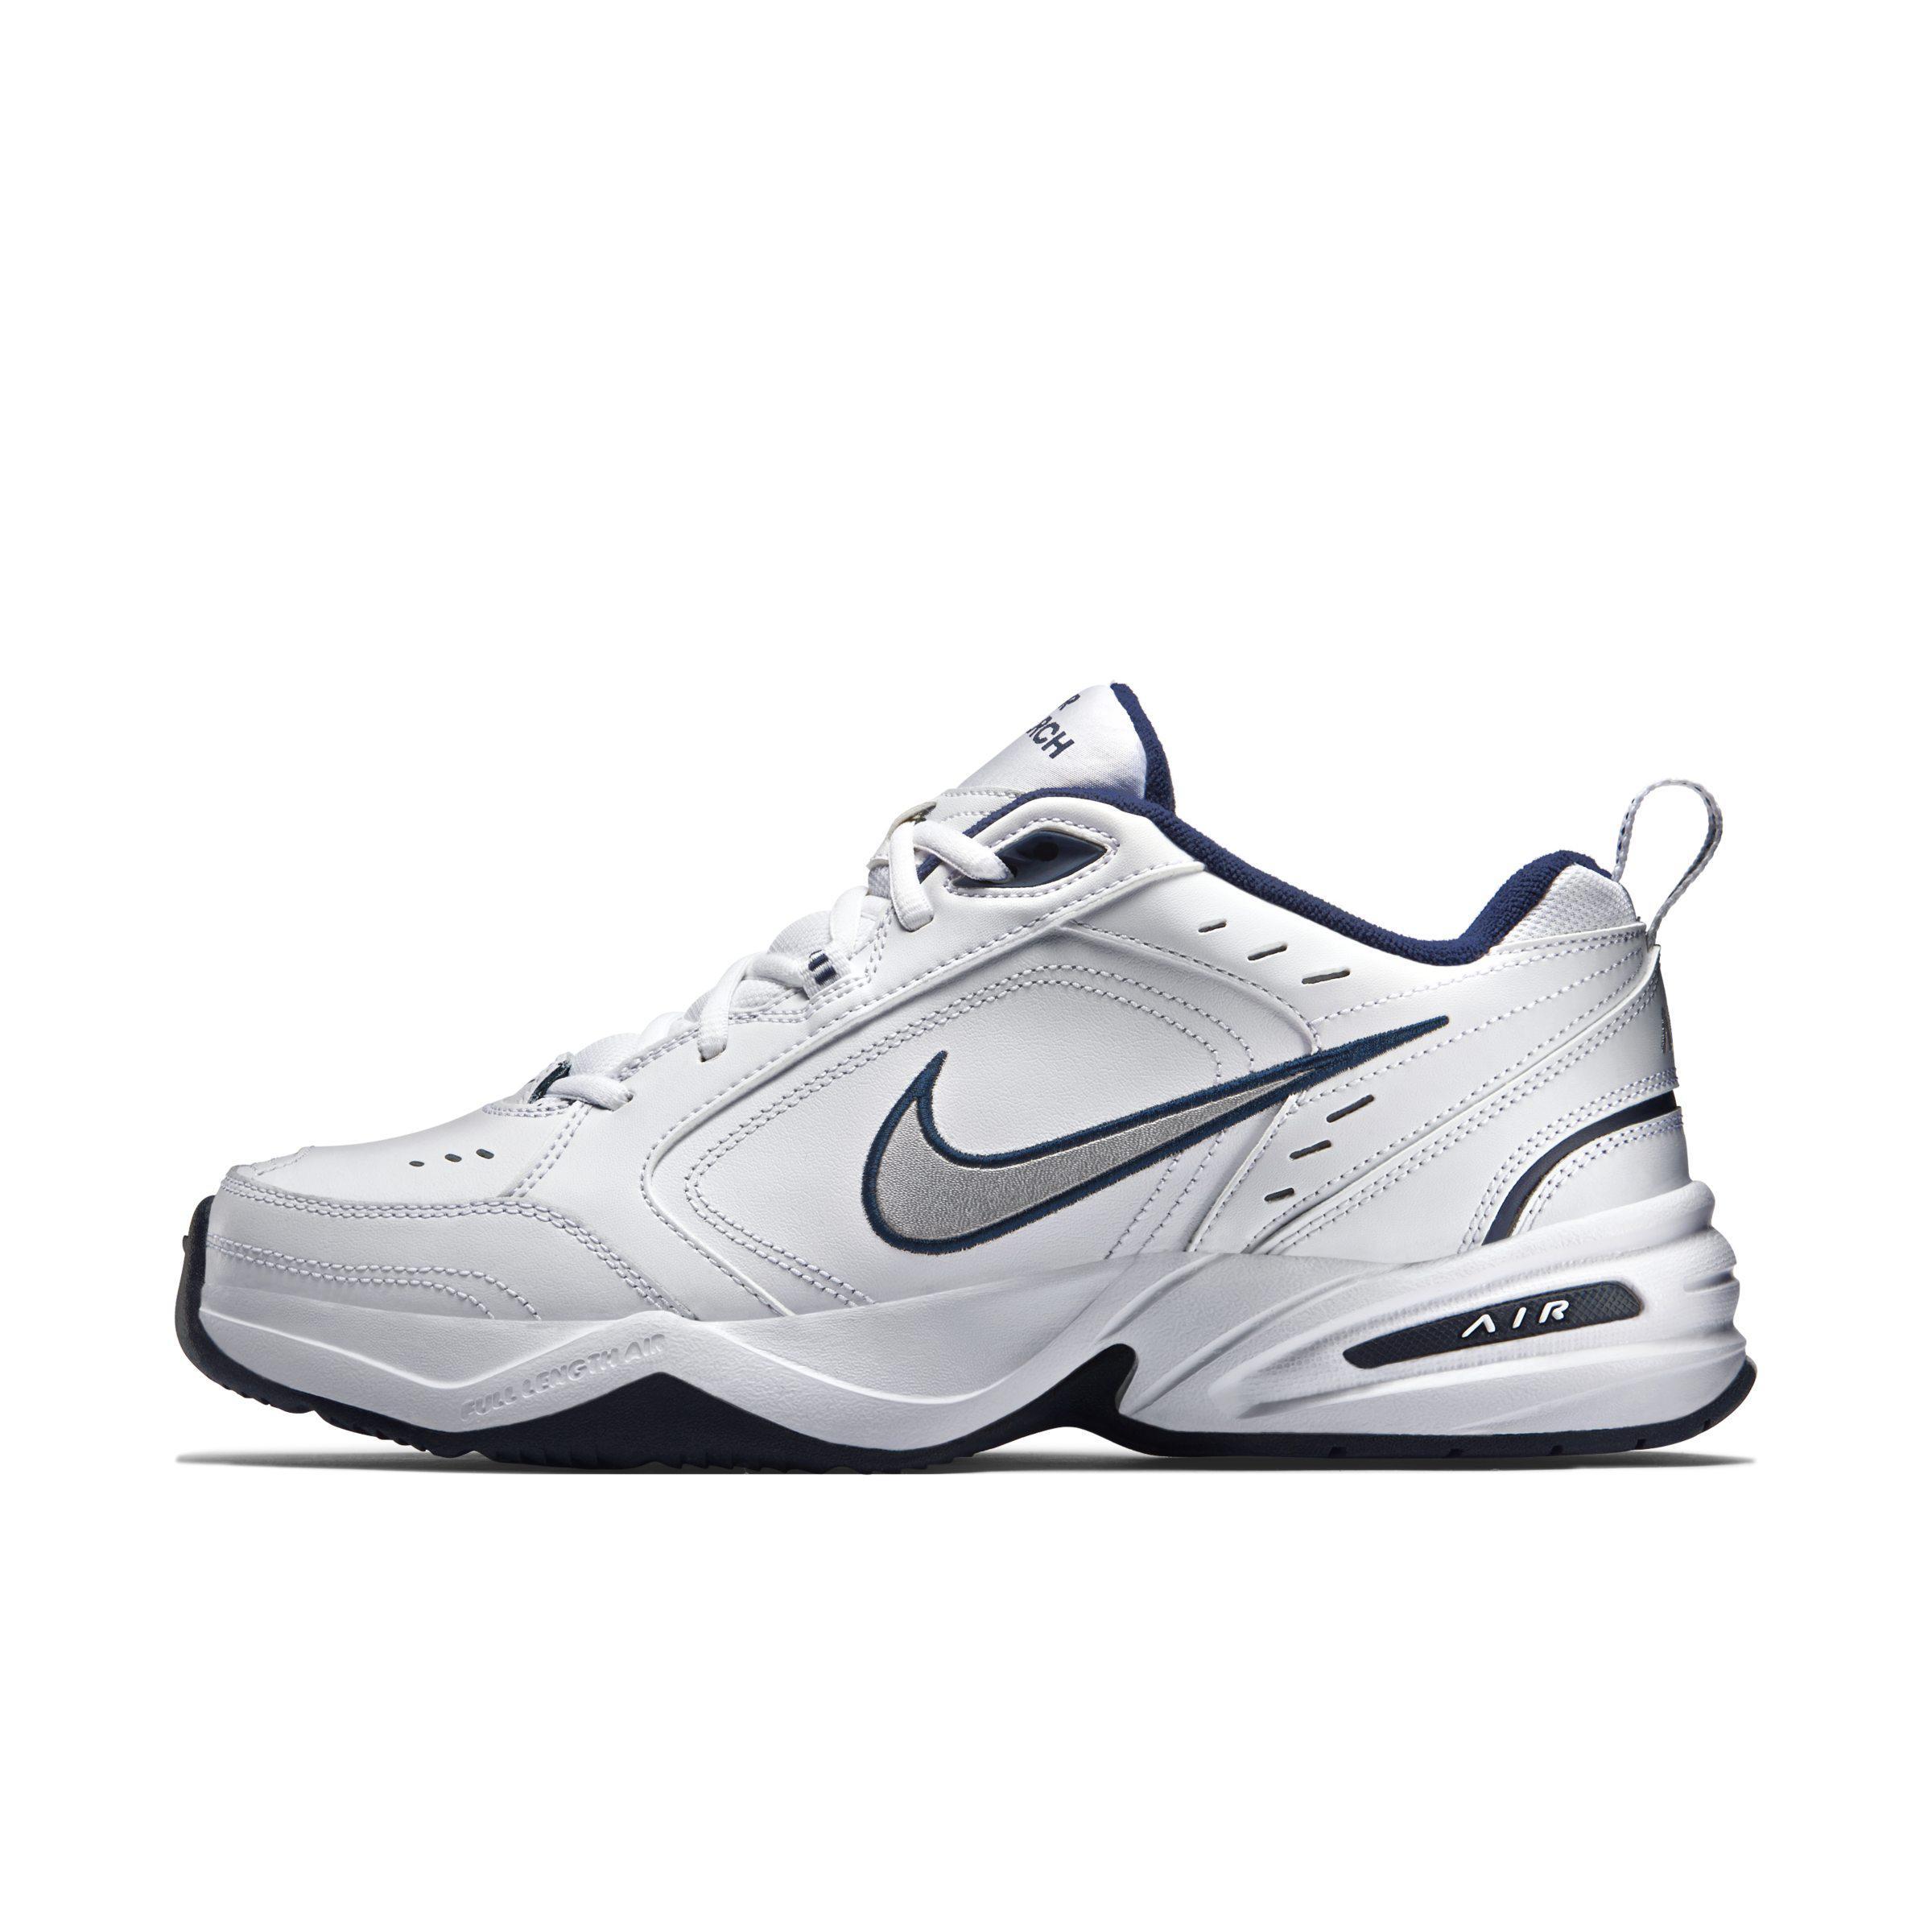 14050ef1c7f30b Nike Air Monarch Iv Lifestyle gym Shoe in White - Lyst